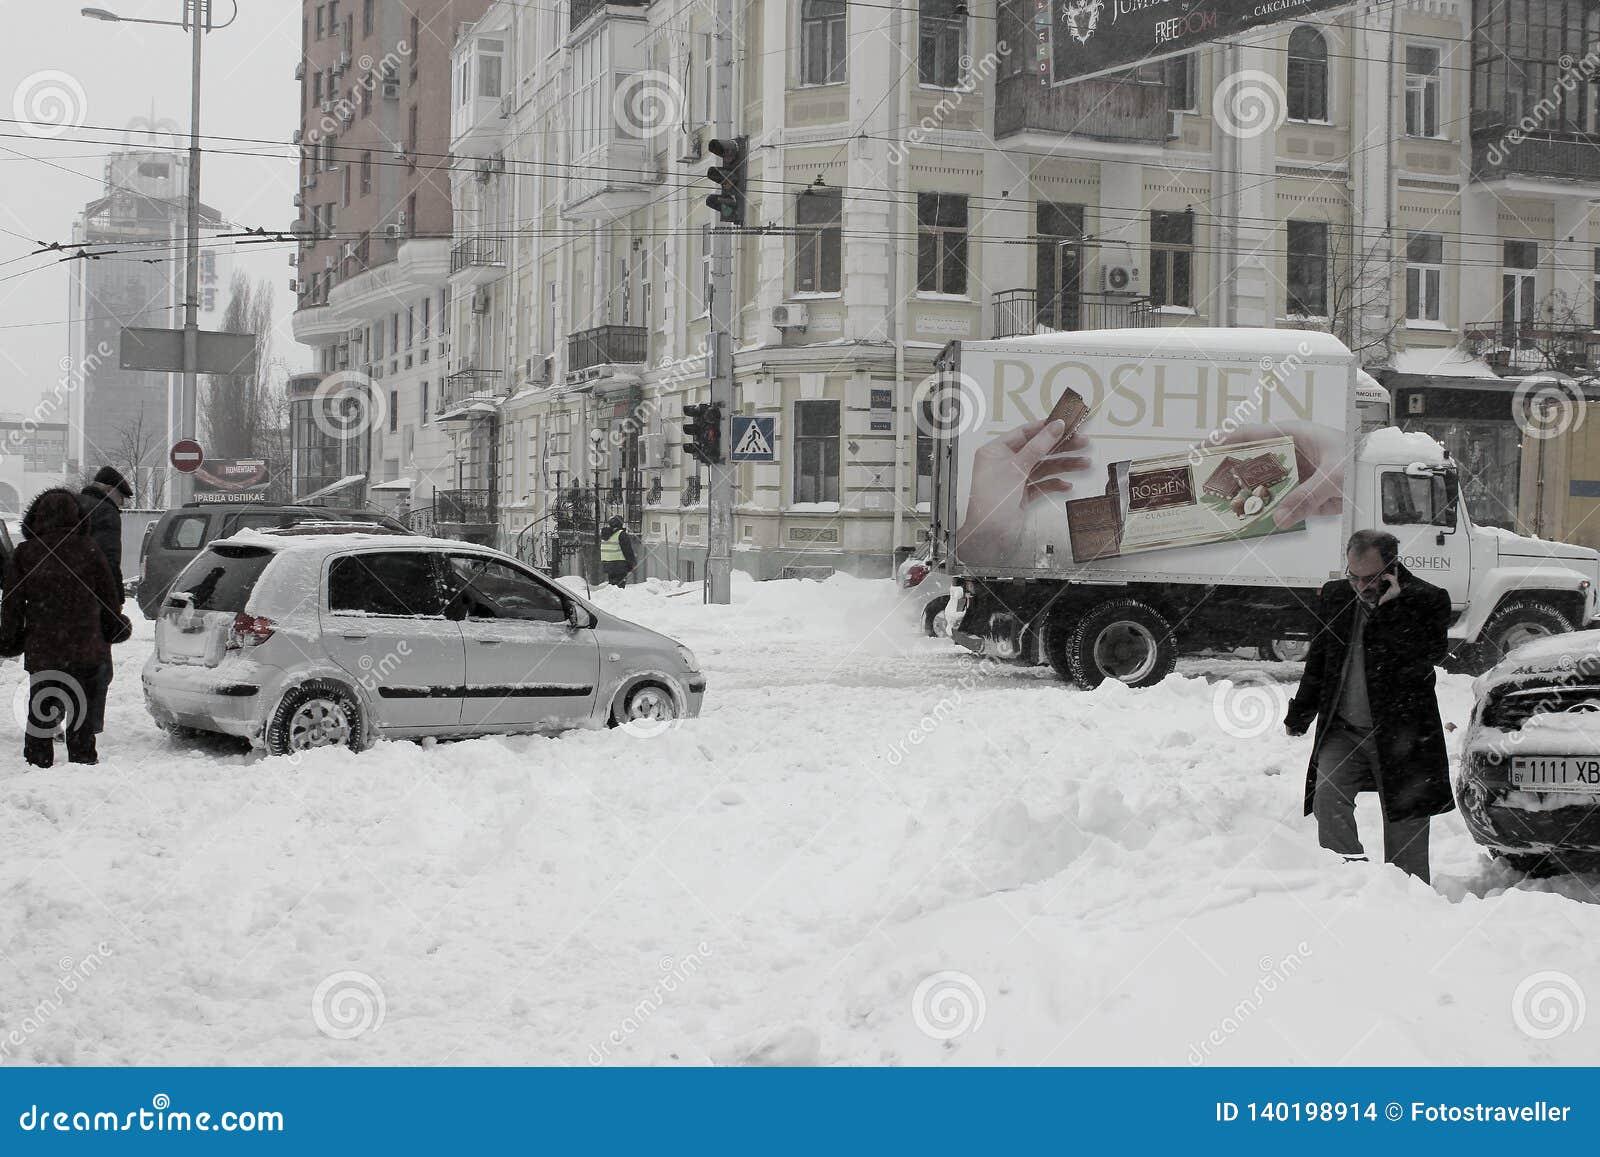 Il centro della città, paralizzato dalle precipitazioni nevose e dai driver, si aiuta